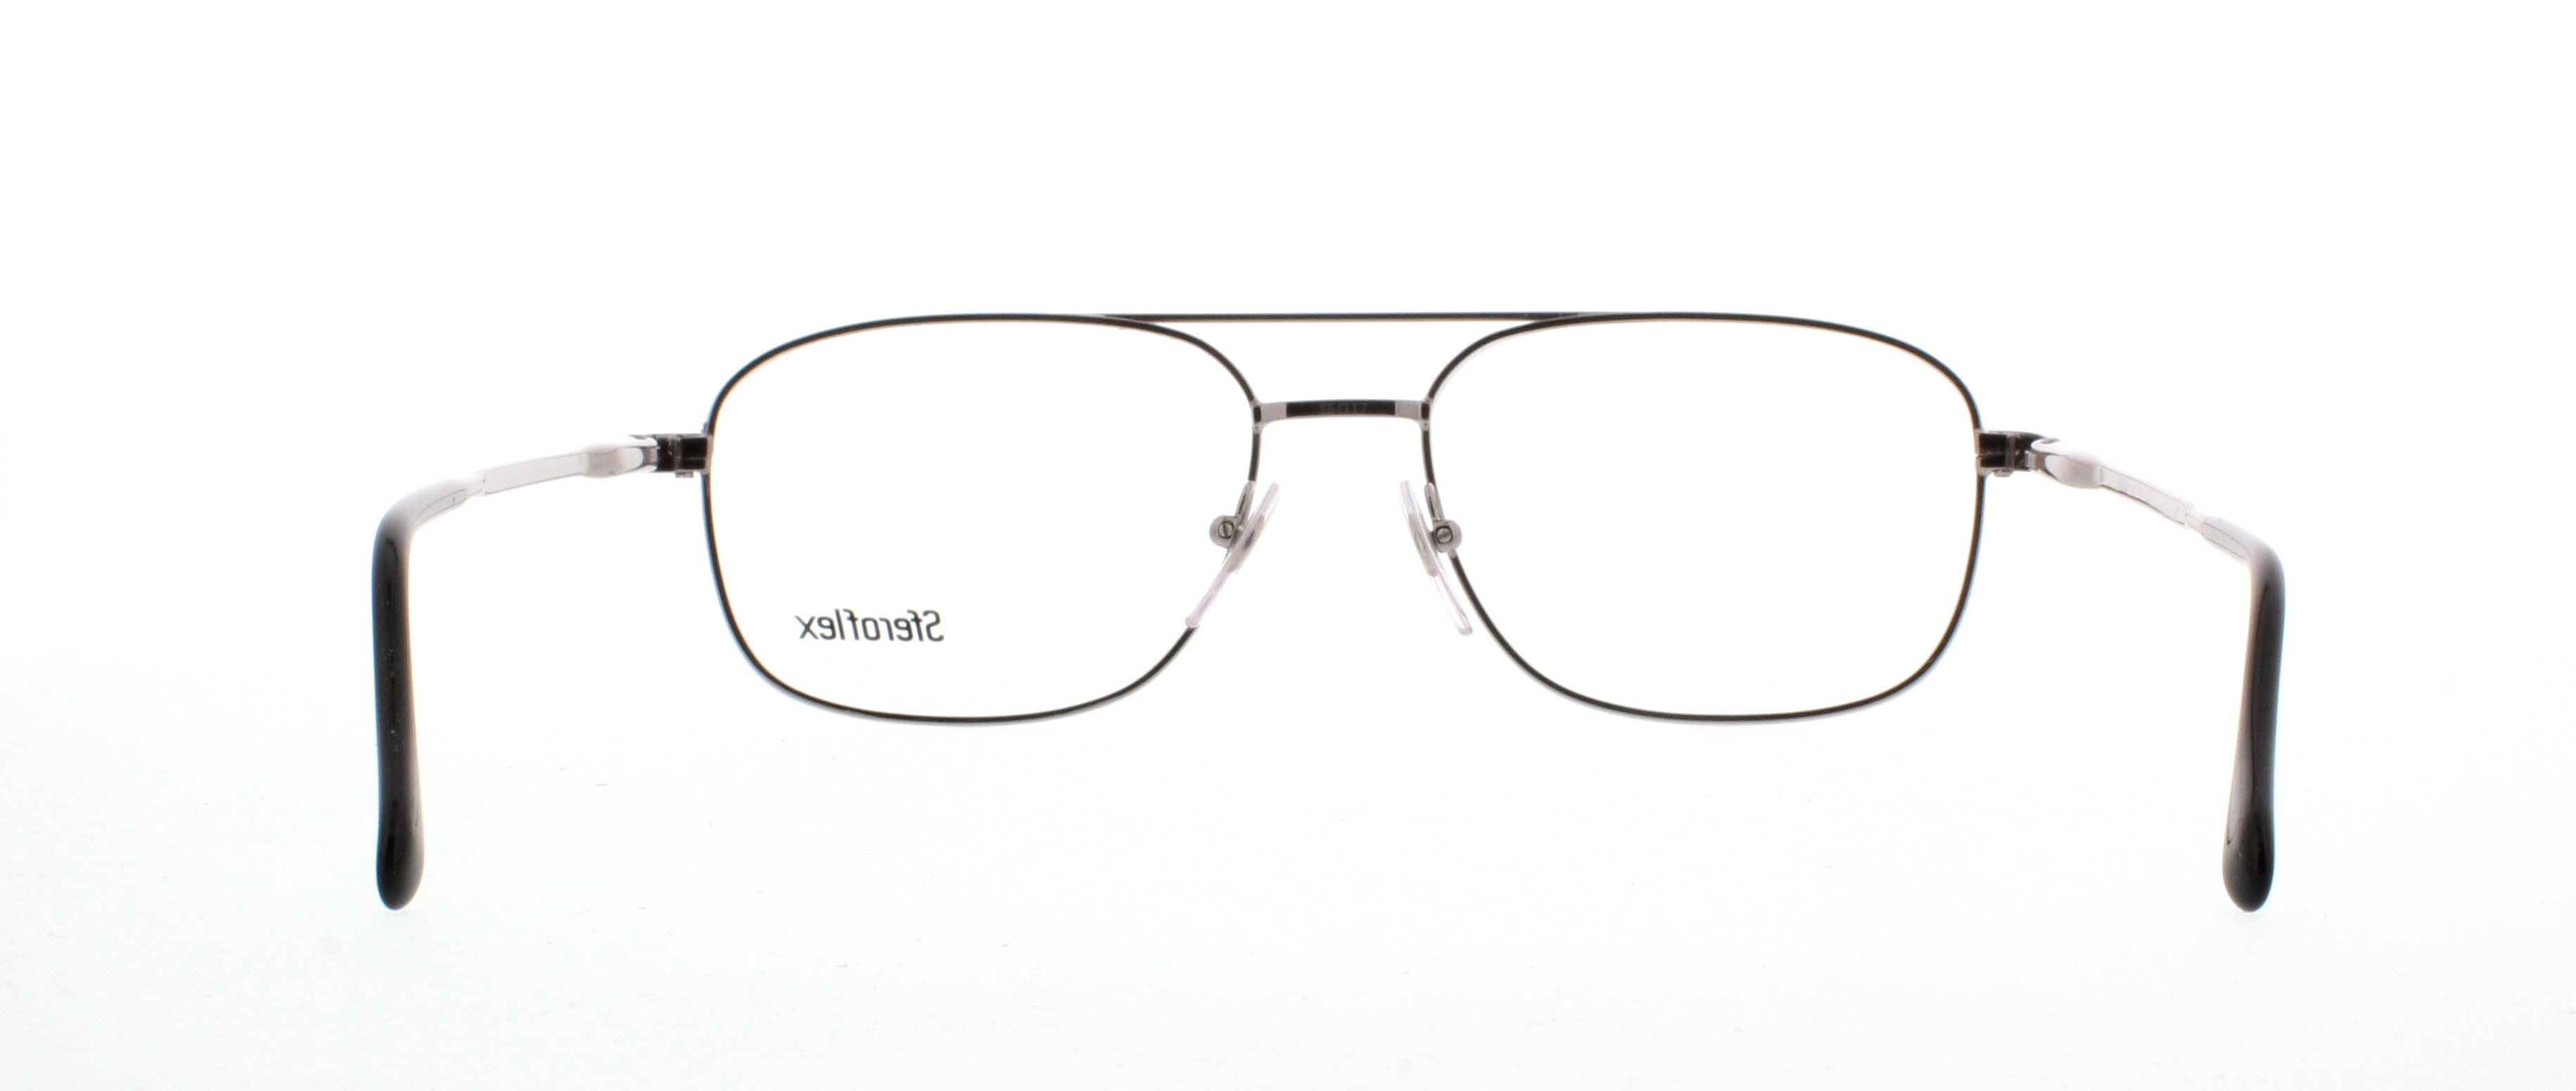 2018 New Women Retro Round Eyeglass Optical Fashion Round Plain ...